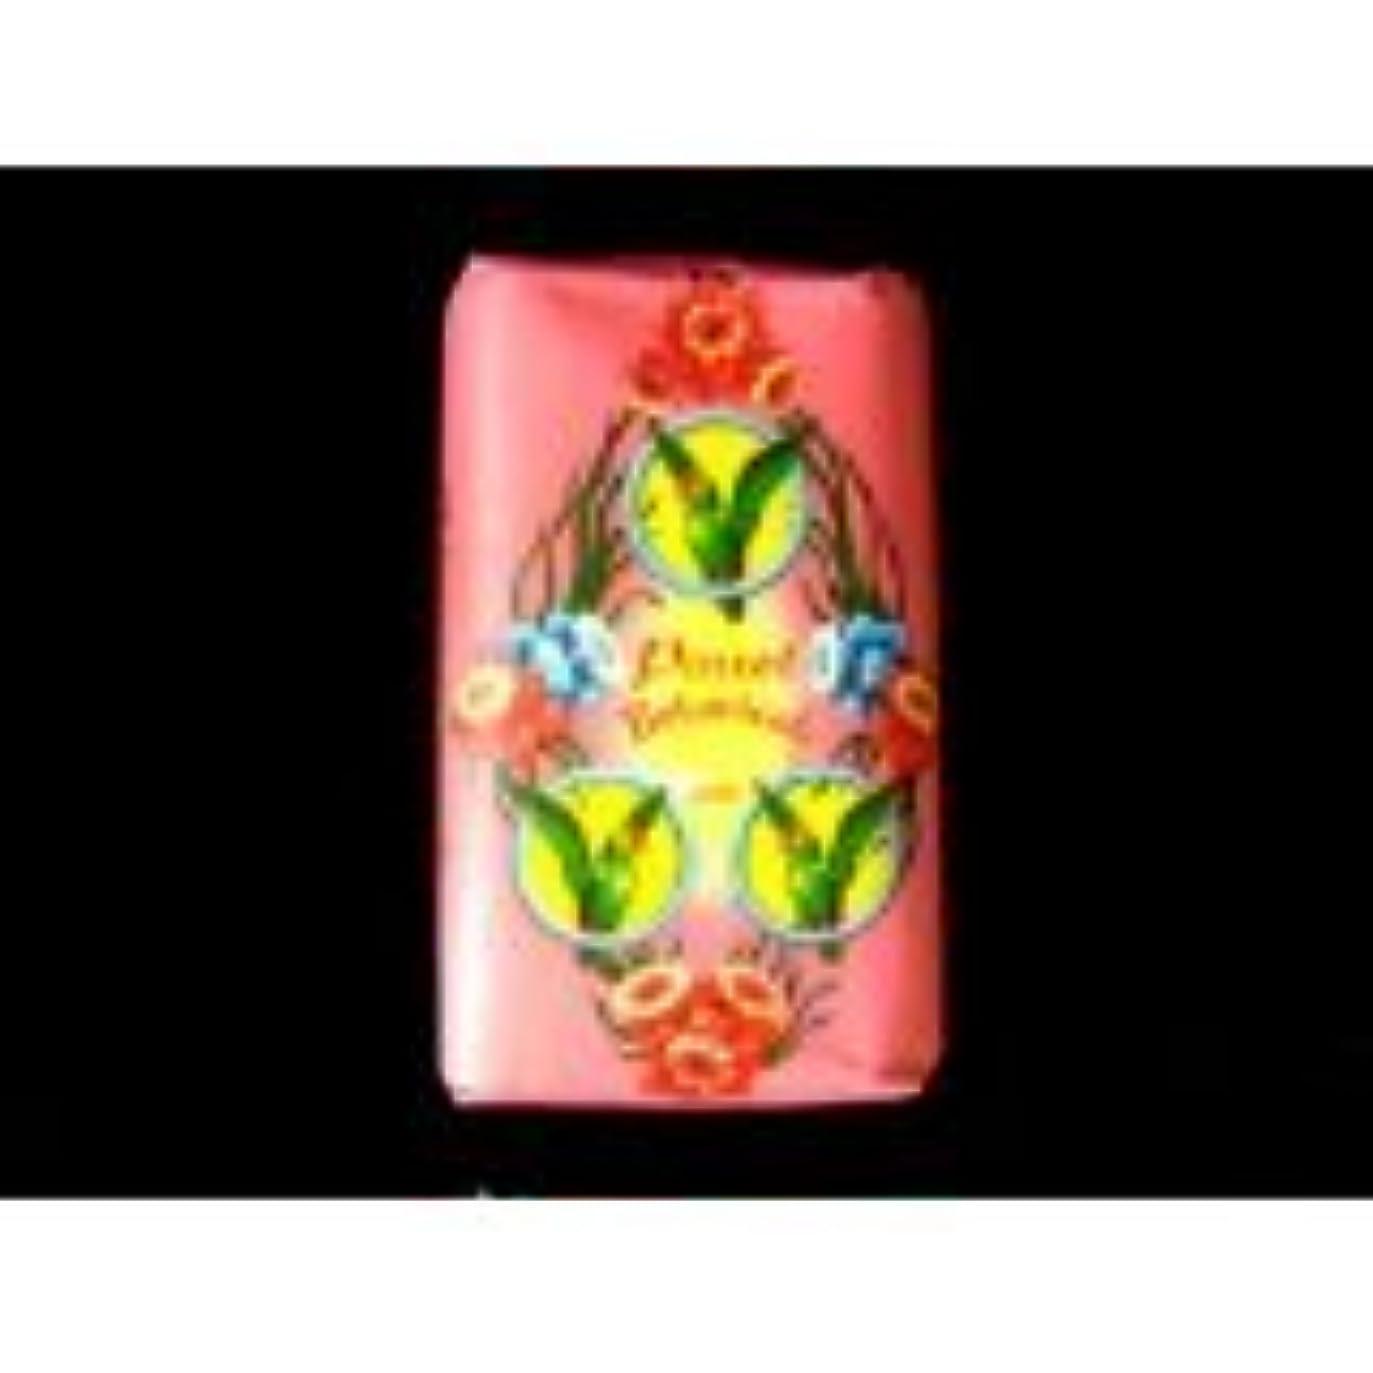 複製する火山の乙女新しいオウムBotanicals Refreshing自然花フローラルFragrance Soap 80 gタイの製品